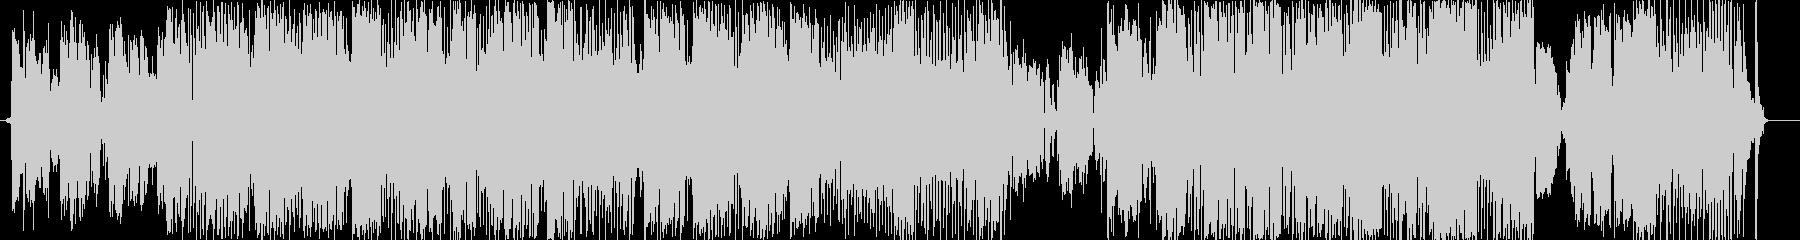 パノラマの未再生の波形